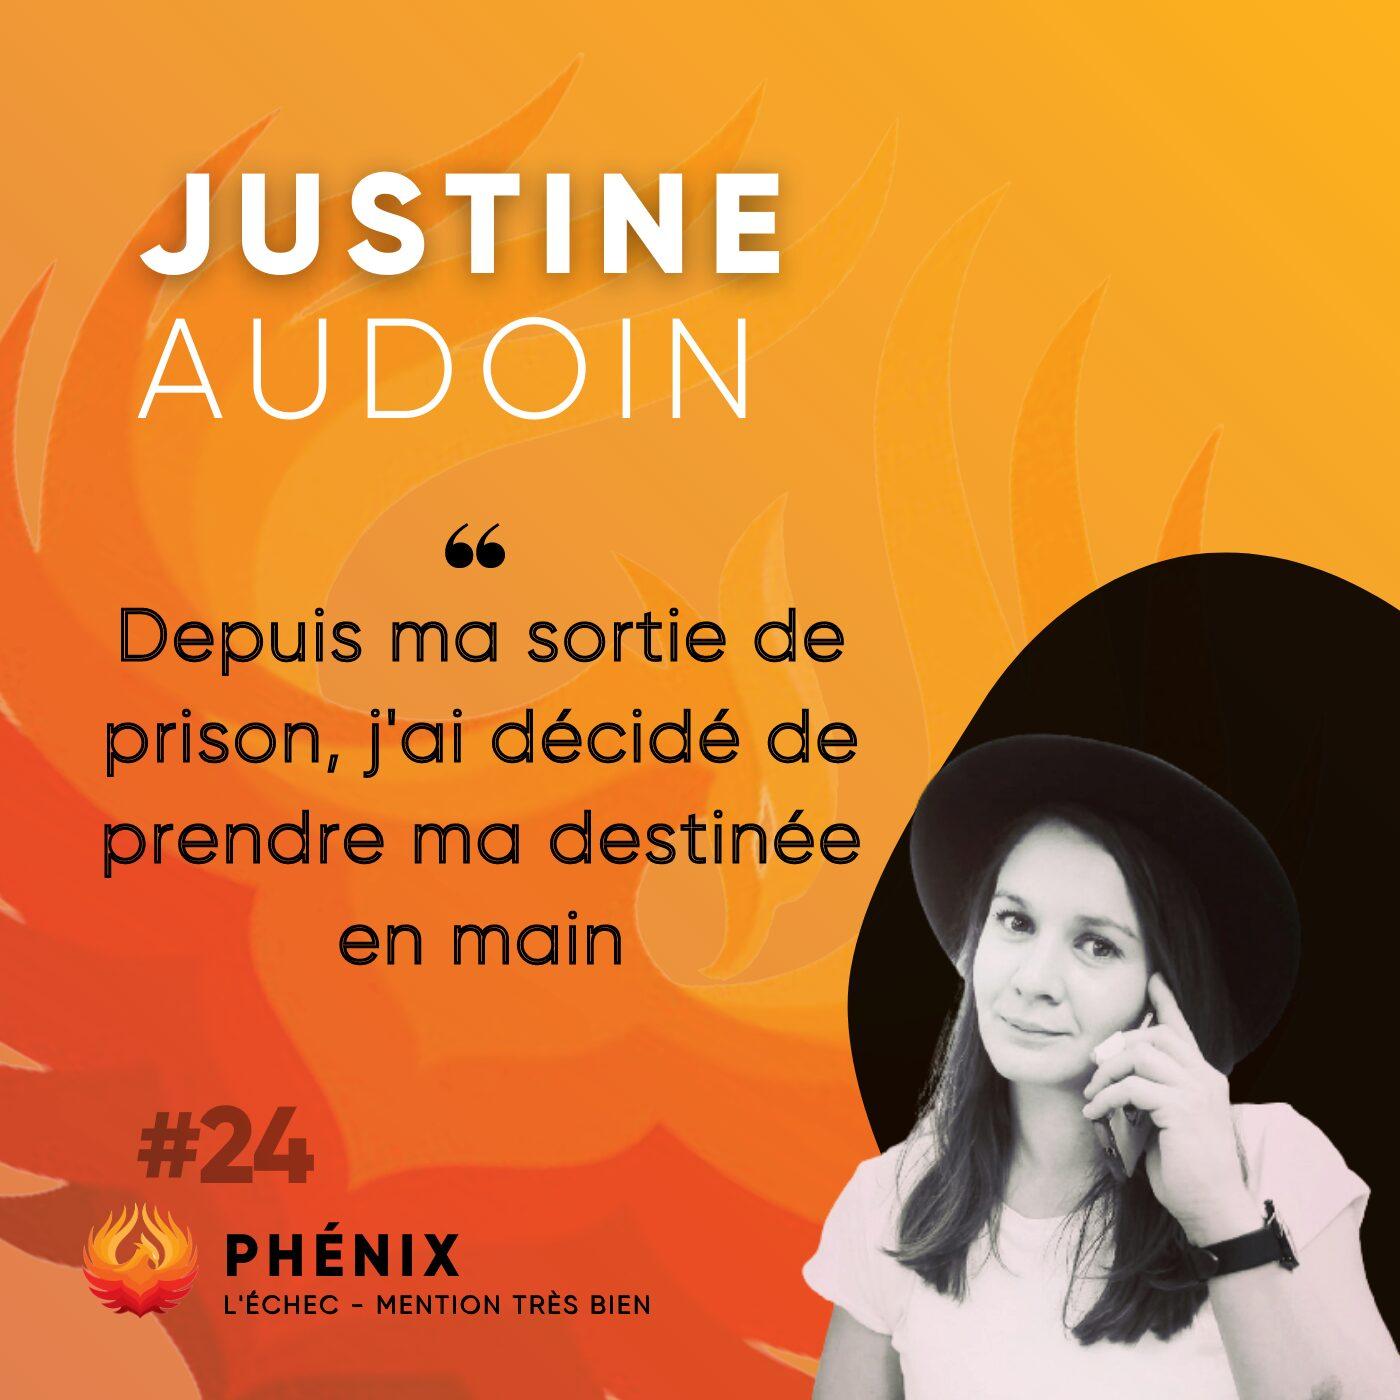 #24 ⛓ - Justine Audoin : Depuis ma sortie de prison, j'ai décidé de prendre ma destinée en main